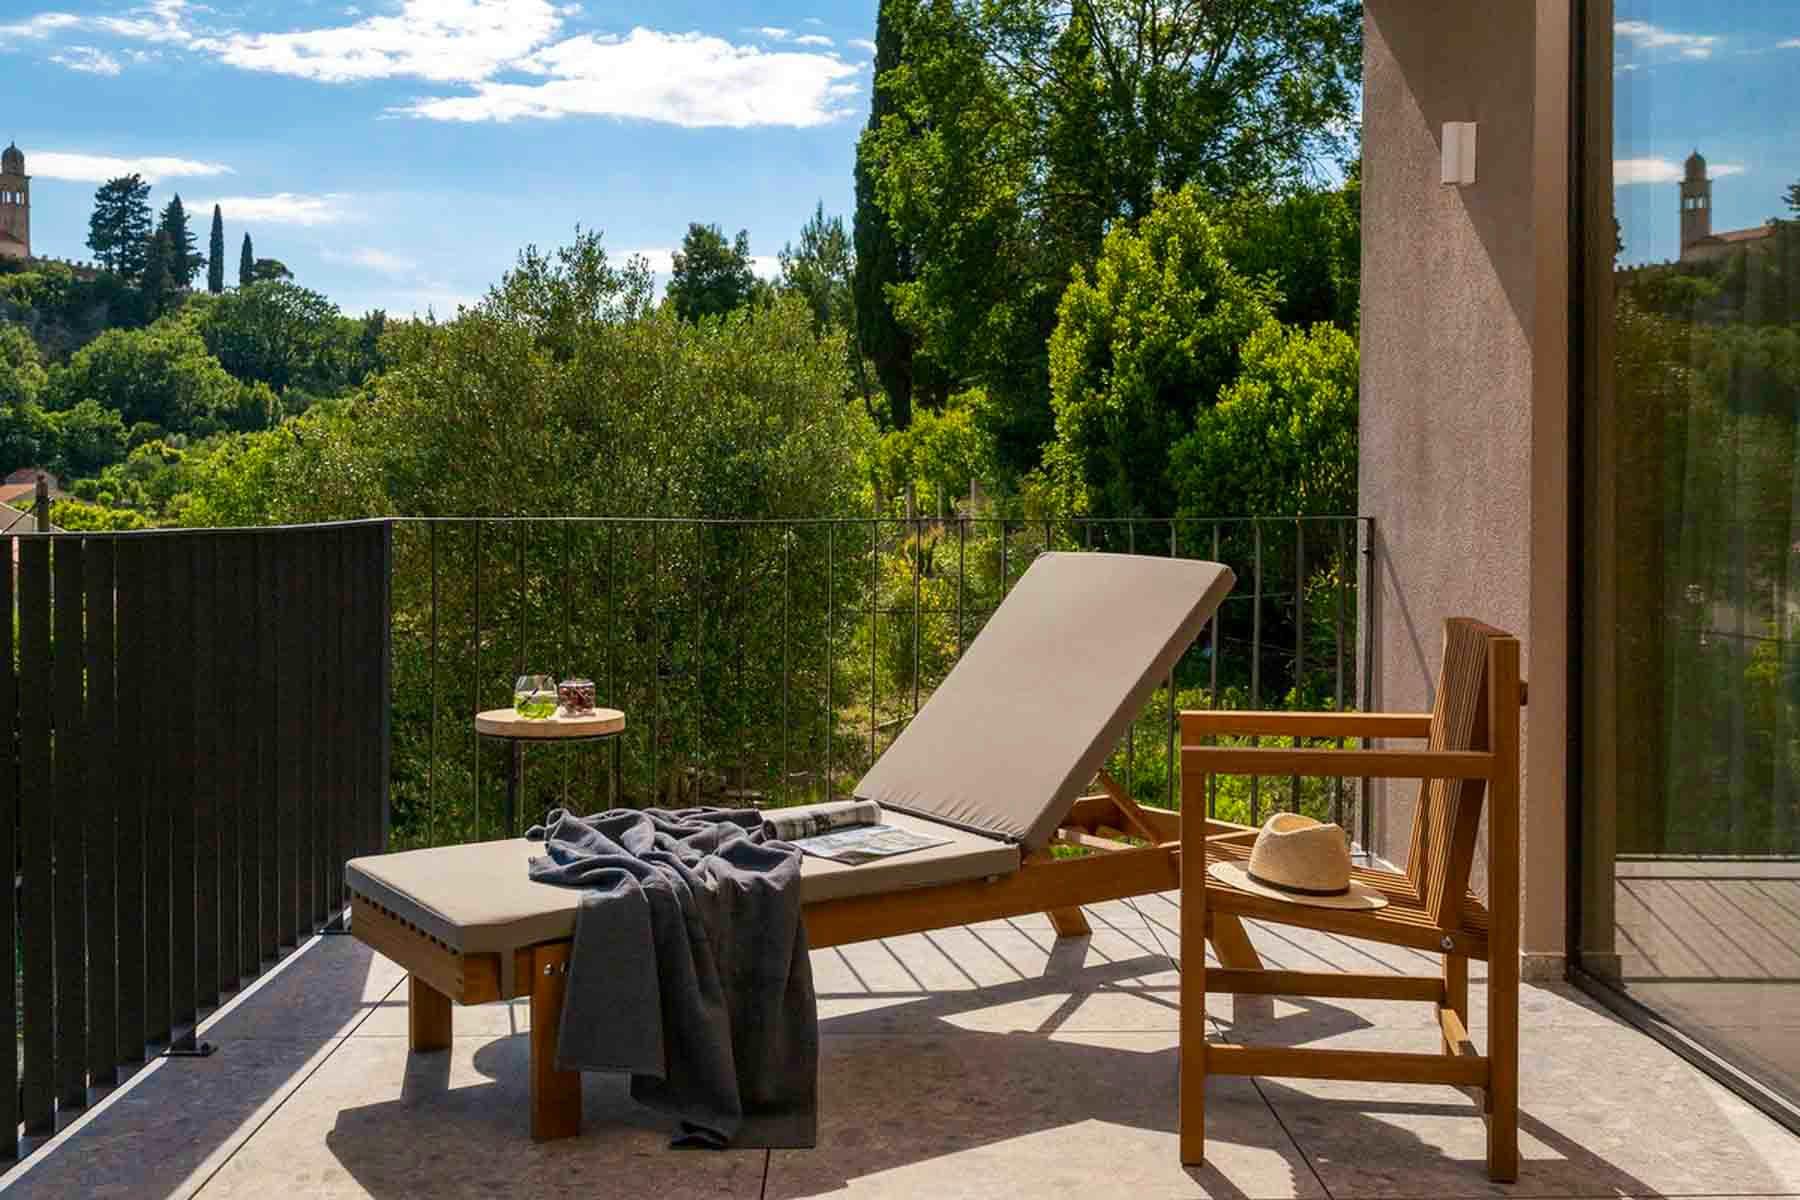 Sun-bathed area of the terrace